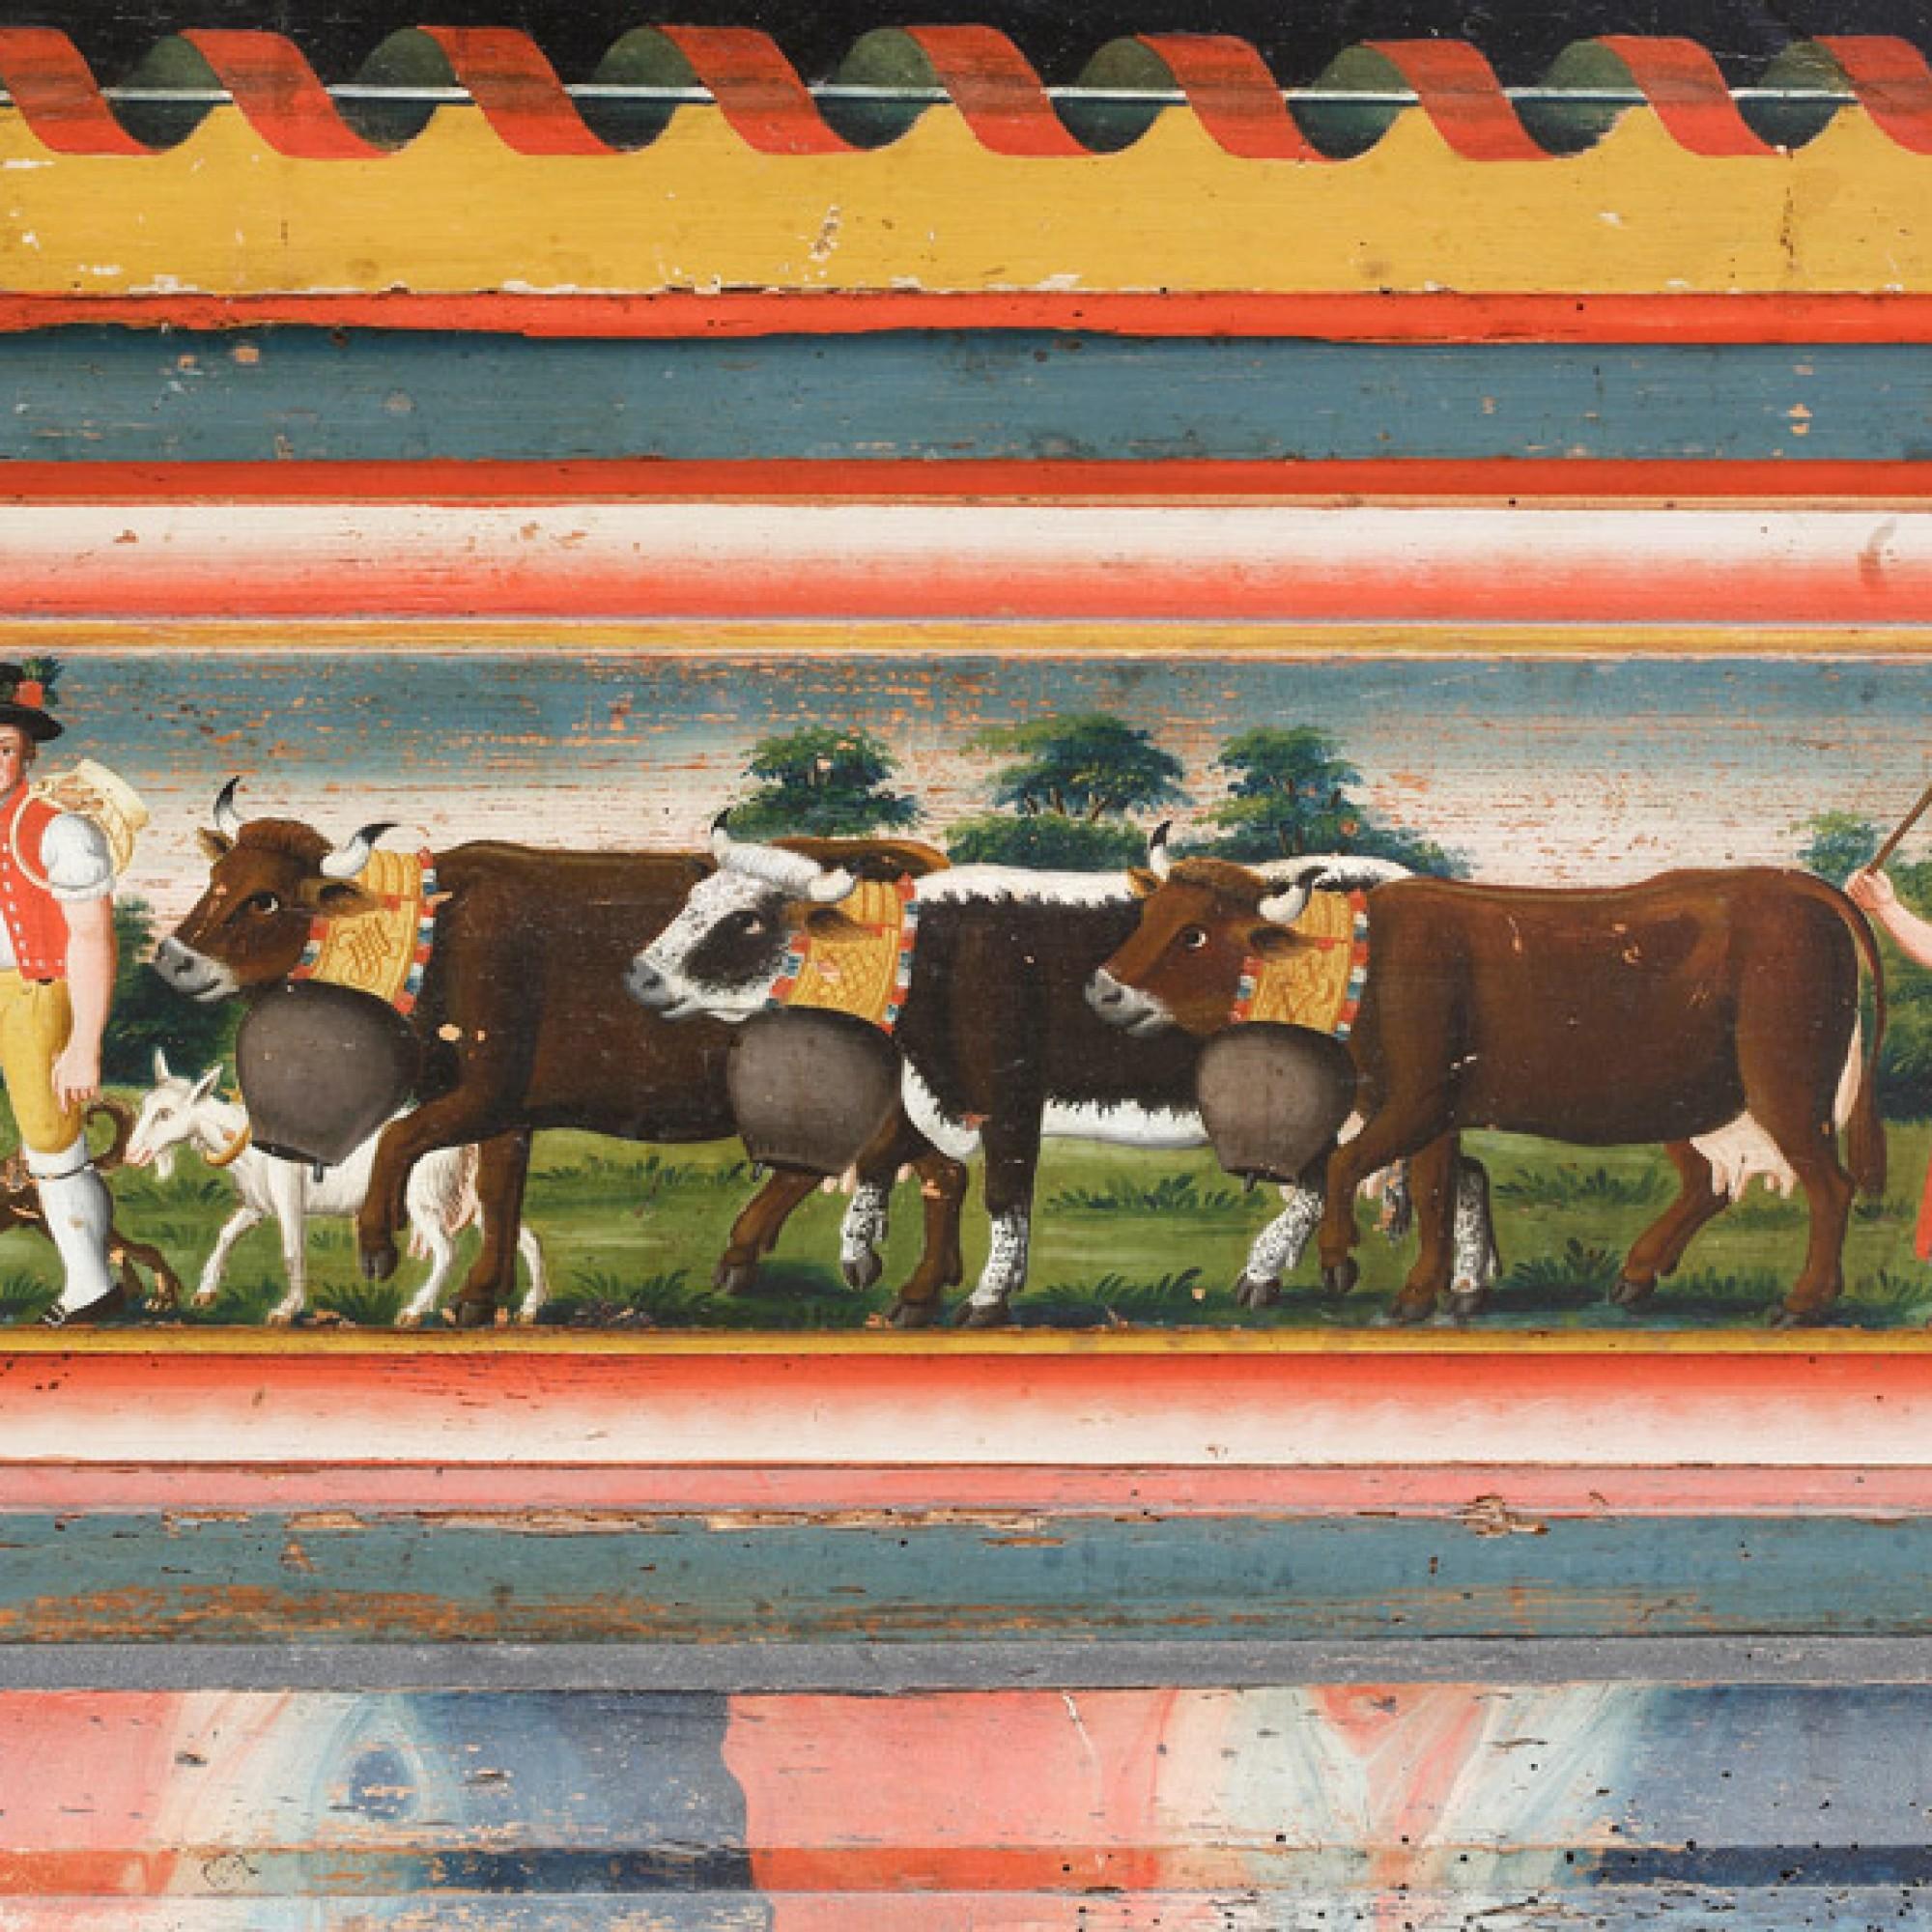 Kasten, um 1820 (Detail) Gehört dem Hs. Conrad Bodenmann und Elsbetha Bodenmann Appenzeller Brauchtumsmuseum Urnäsch. (Stefan Rohner)